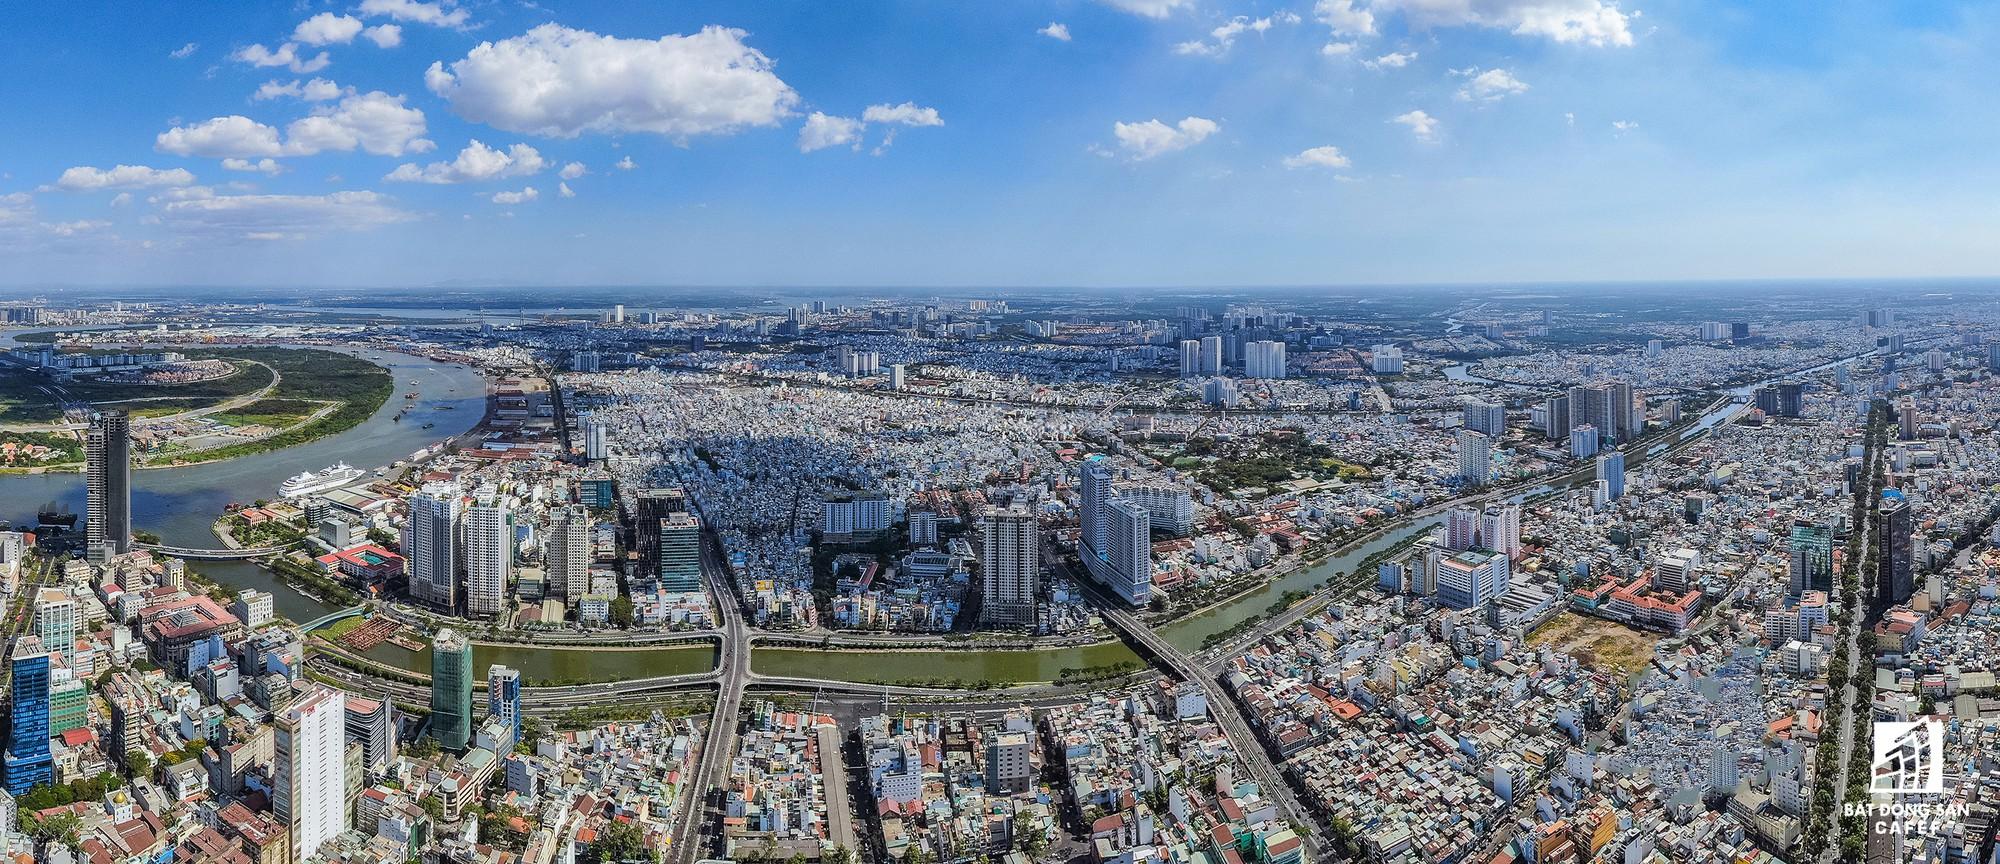 Diện mạo hai bờ sông Sài Gòn tương lai nhìn từ loạt siêu dự án tỷ đô, khu vực trung tâm giá nhà lên hơn 1 tỷ đồng/m2 - Ảnh 31. Diện mạo hai bờ sông Sài Gòn tương lai nhìn từ loạt siêu dự án tỷ đô, khu vực trung tâm giá nhà lên hơn 1 tỷ đồng/m2 Diện mạo hai bờ sông Sài Gòn tương lai nhìn từ loạt siêu dự án tỷ đô, khu vực trung tâm giá nhà lên hơn 1 tỷ đồng/m2 hinh chu 3 15682784463081177024131